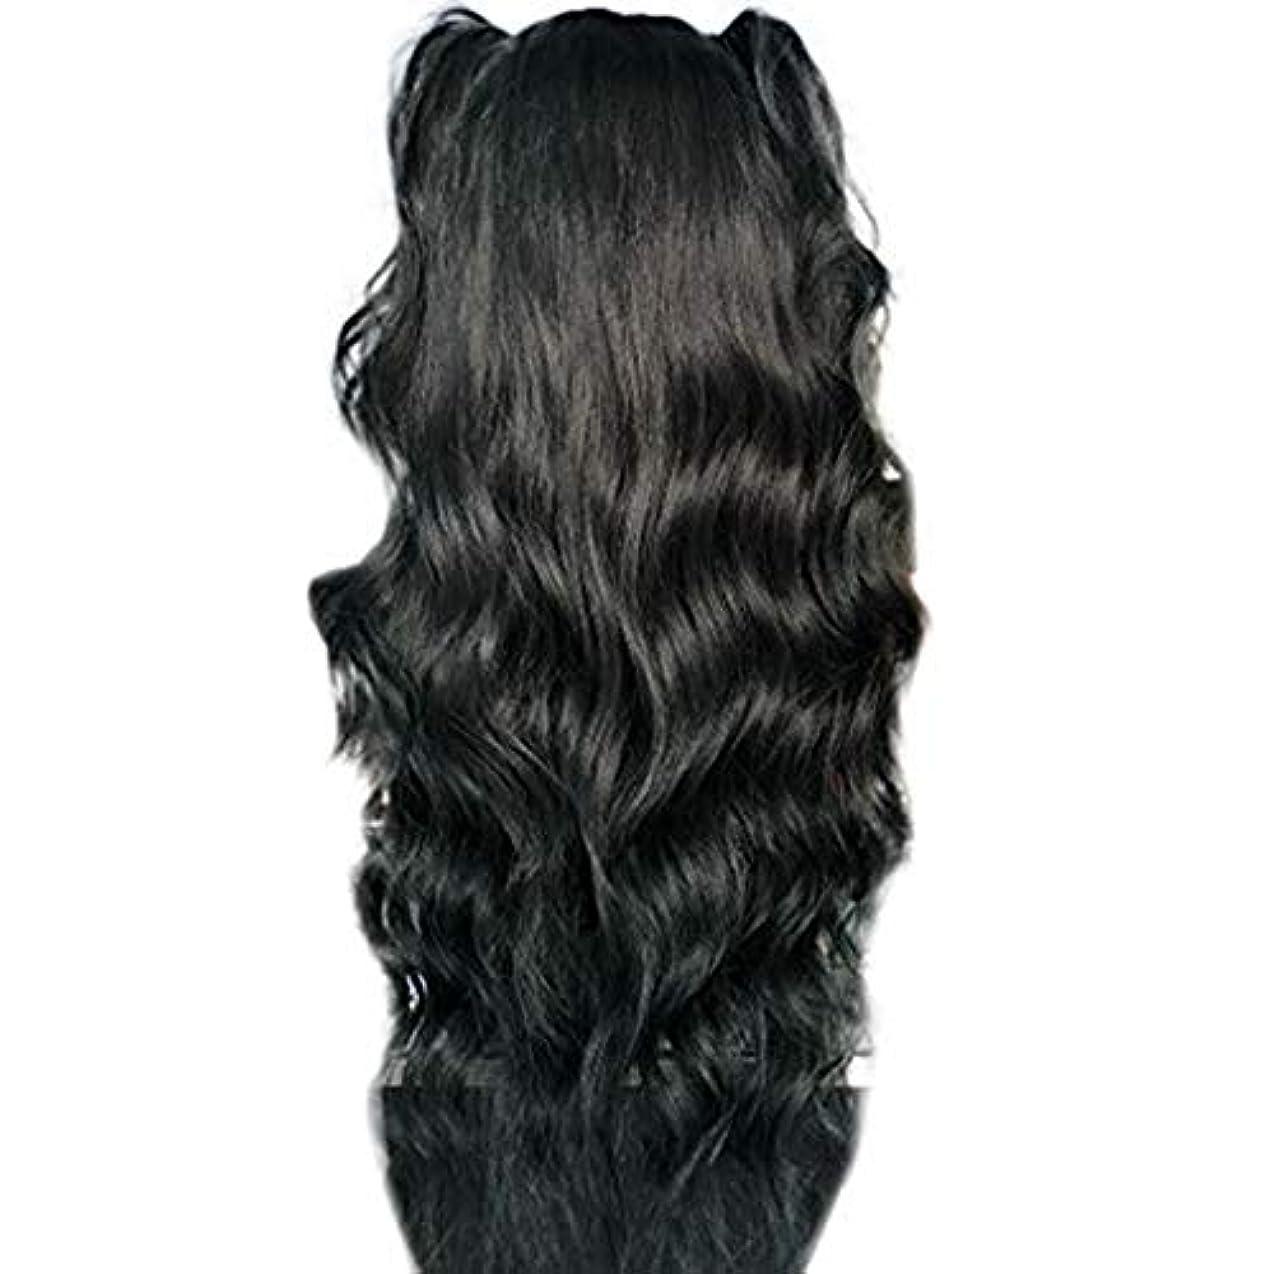 ルート複製有益なかつら女性長い巻き毛の化学繊維高温シルクフロントレースかつら26インチ